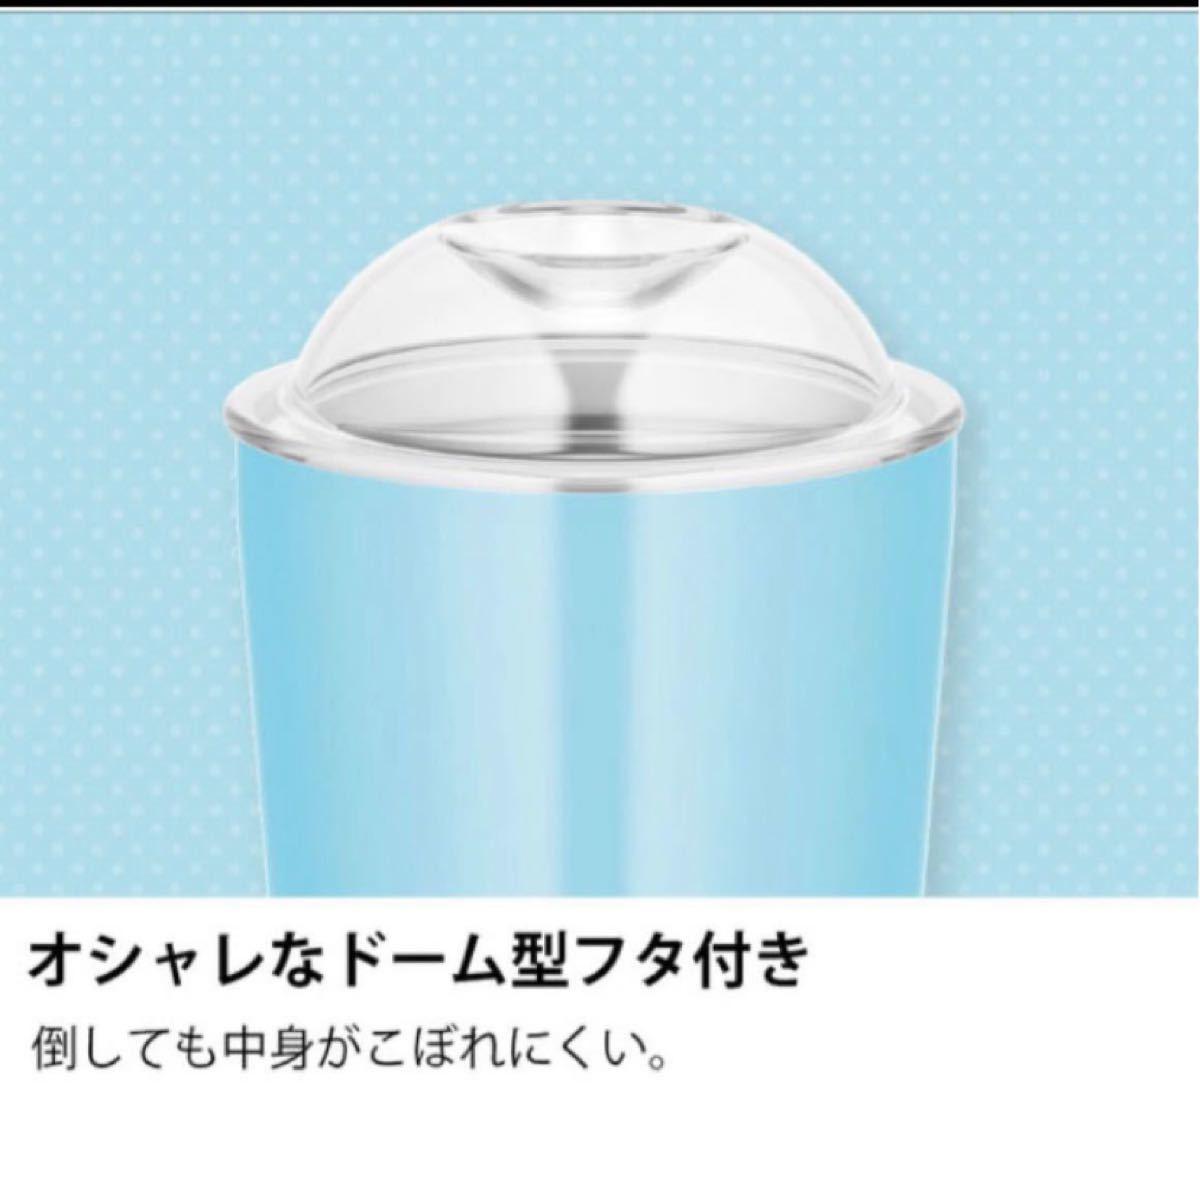 残り一点のみ!サーモス真空断熱タンブラー THERMOS 保冷ストローカップ オレンジ 300ml ステンレス製 魔法びん構造